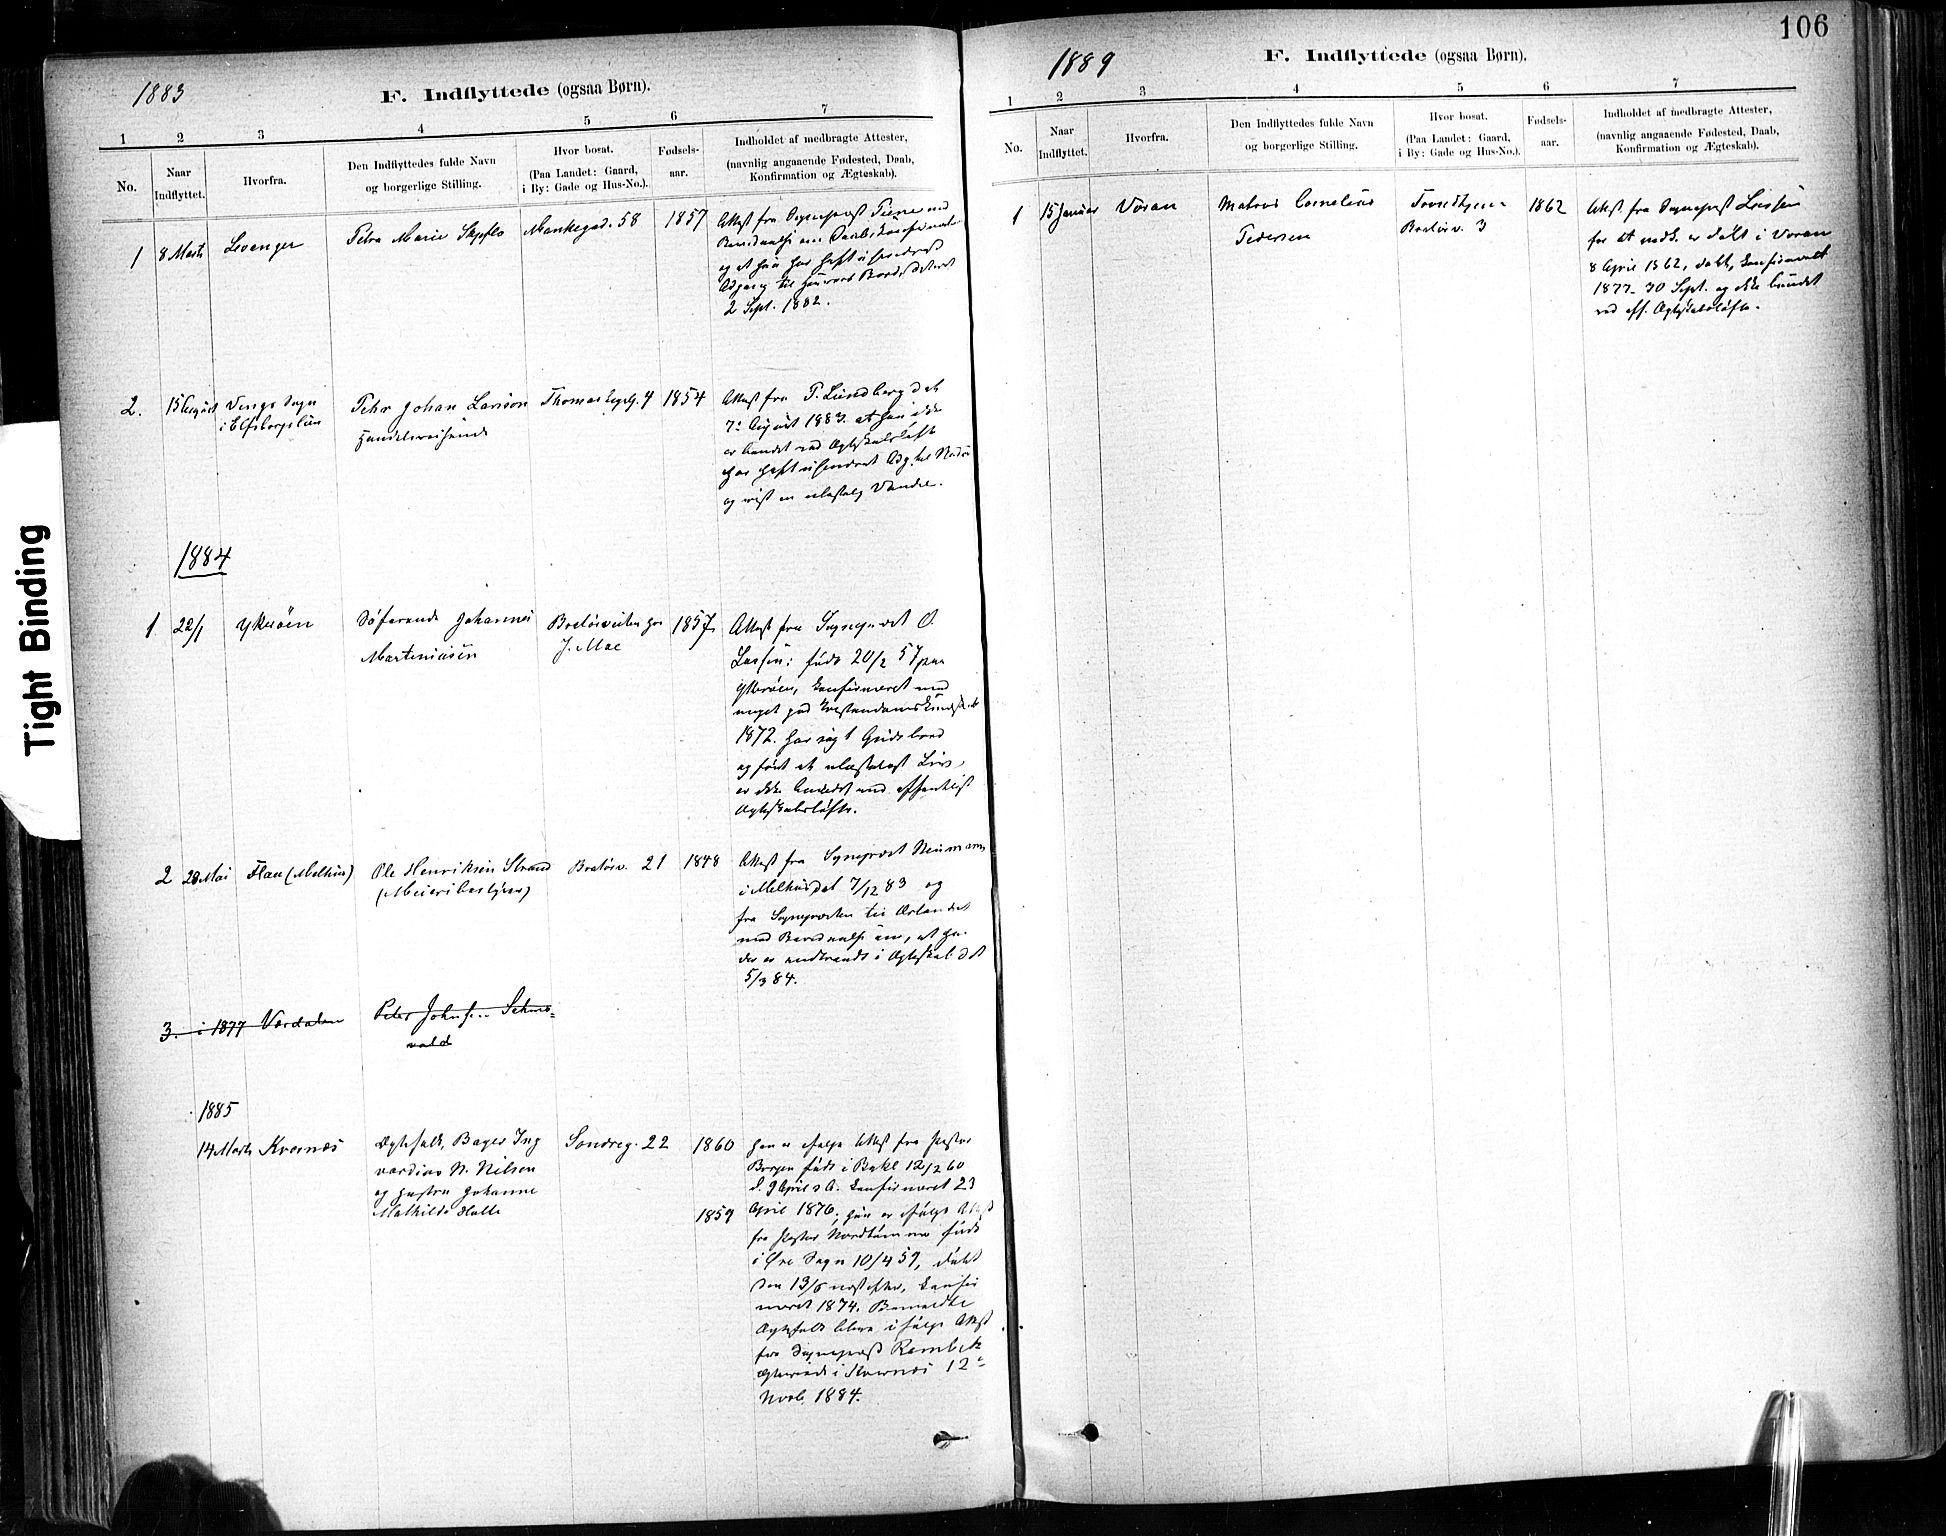 SAT, Ministerialprotokoller, klokkerbøker og fødselsregistre - Sør-Trøndelag, 602/L0120: Ministerialbok nr. 602A18, 1880-1913, s. 106